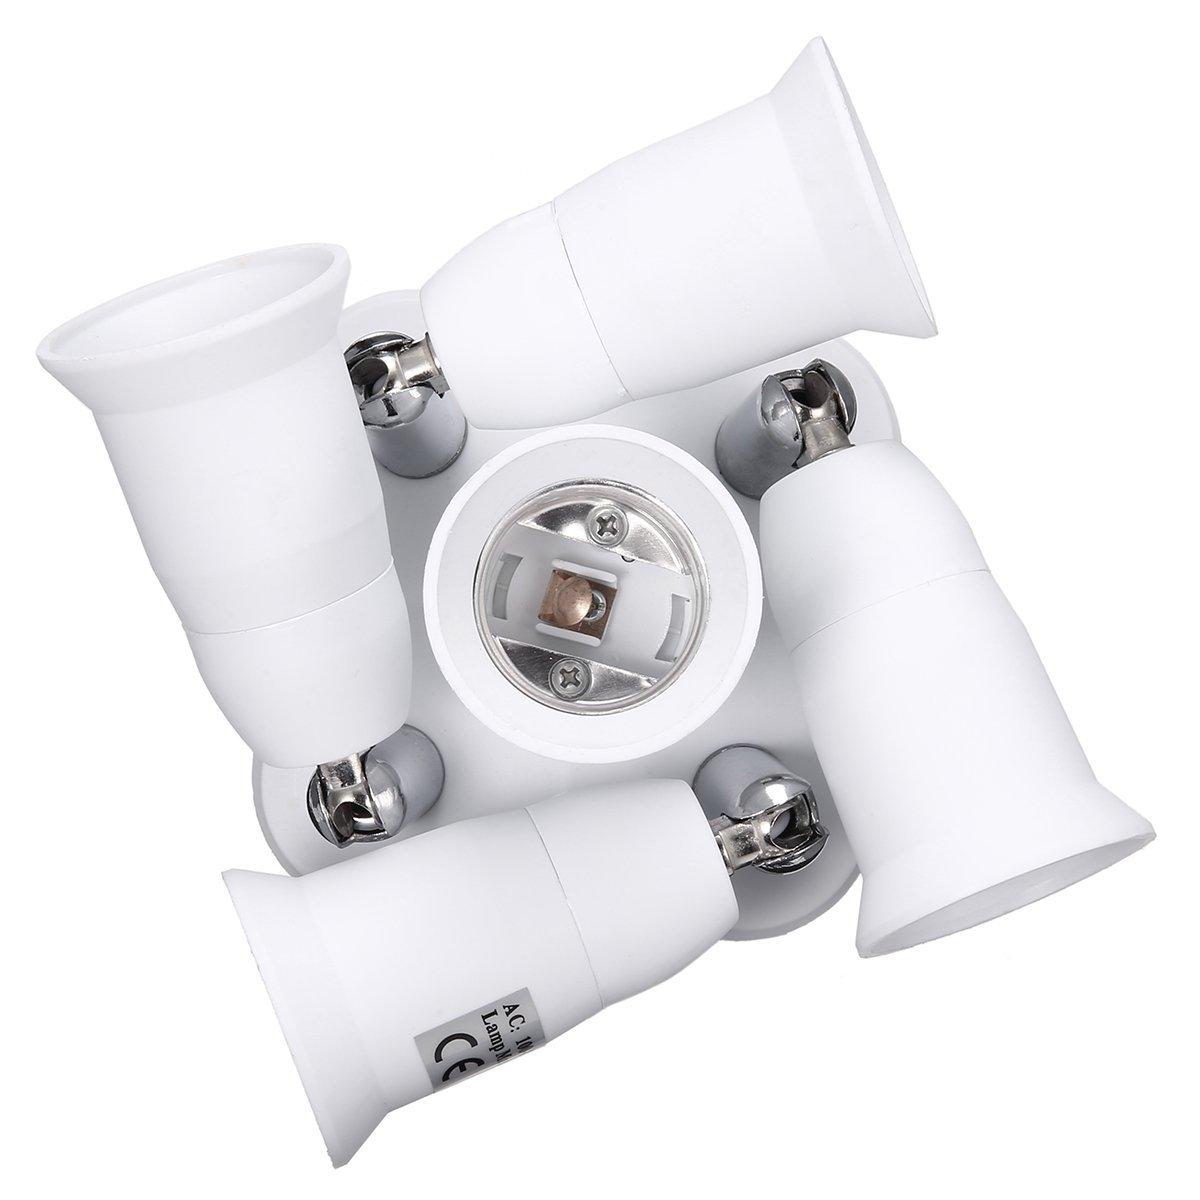 5 in 1 Light Socket Adapter KINGSO E26/E27 Splitter for Standard LED Bulbs Converter with 360 Degrees Adjustable 180 Degree Bending 110-240V 200℃ Heat Resistant No Fire Hazard by KINGSO (Image #9)